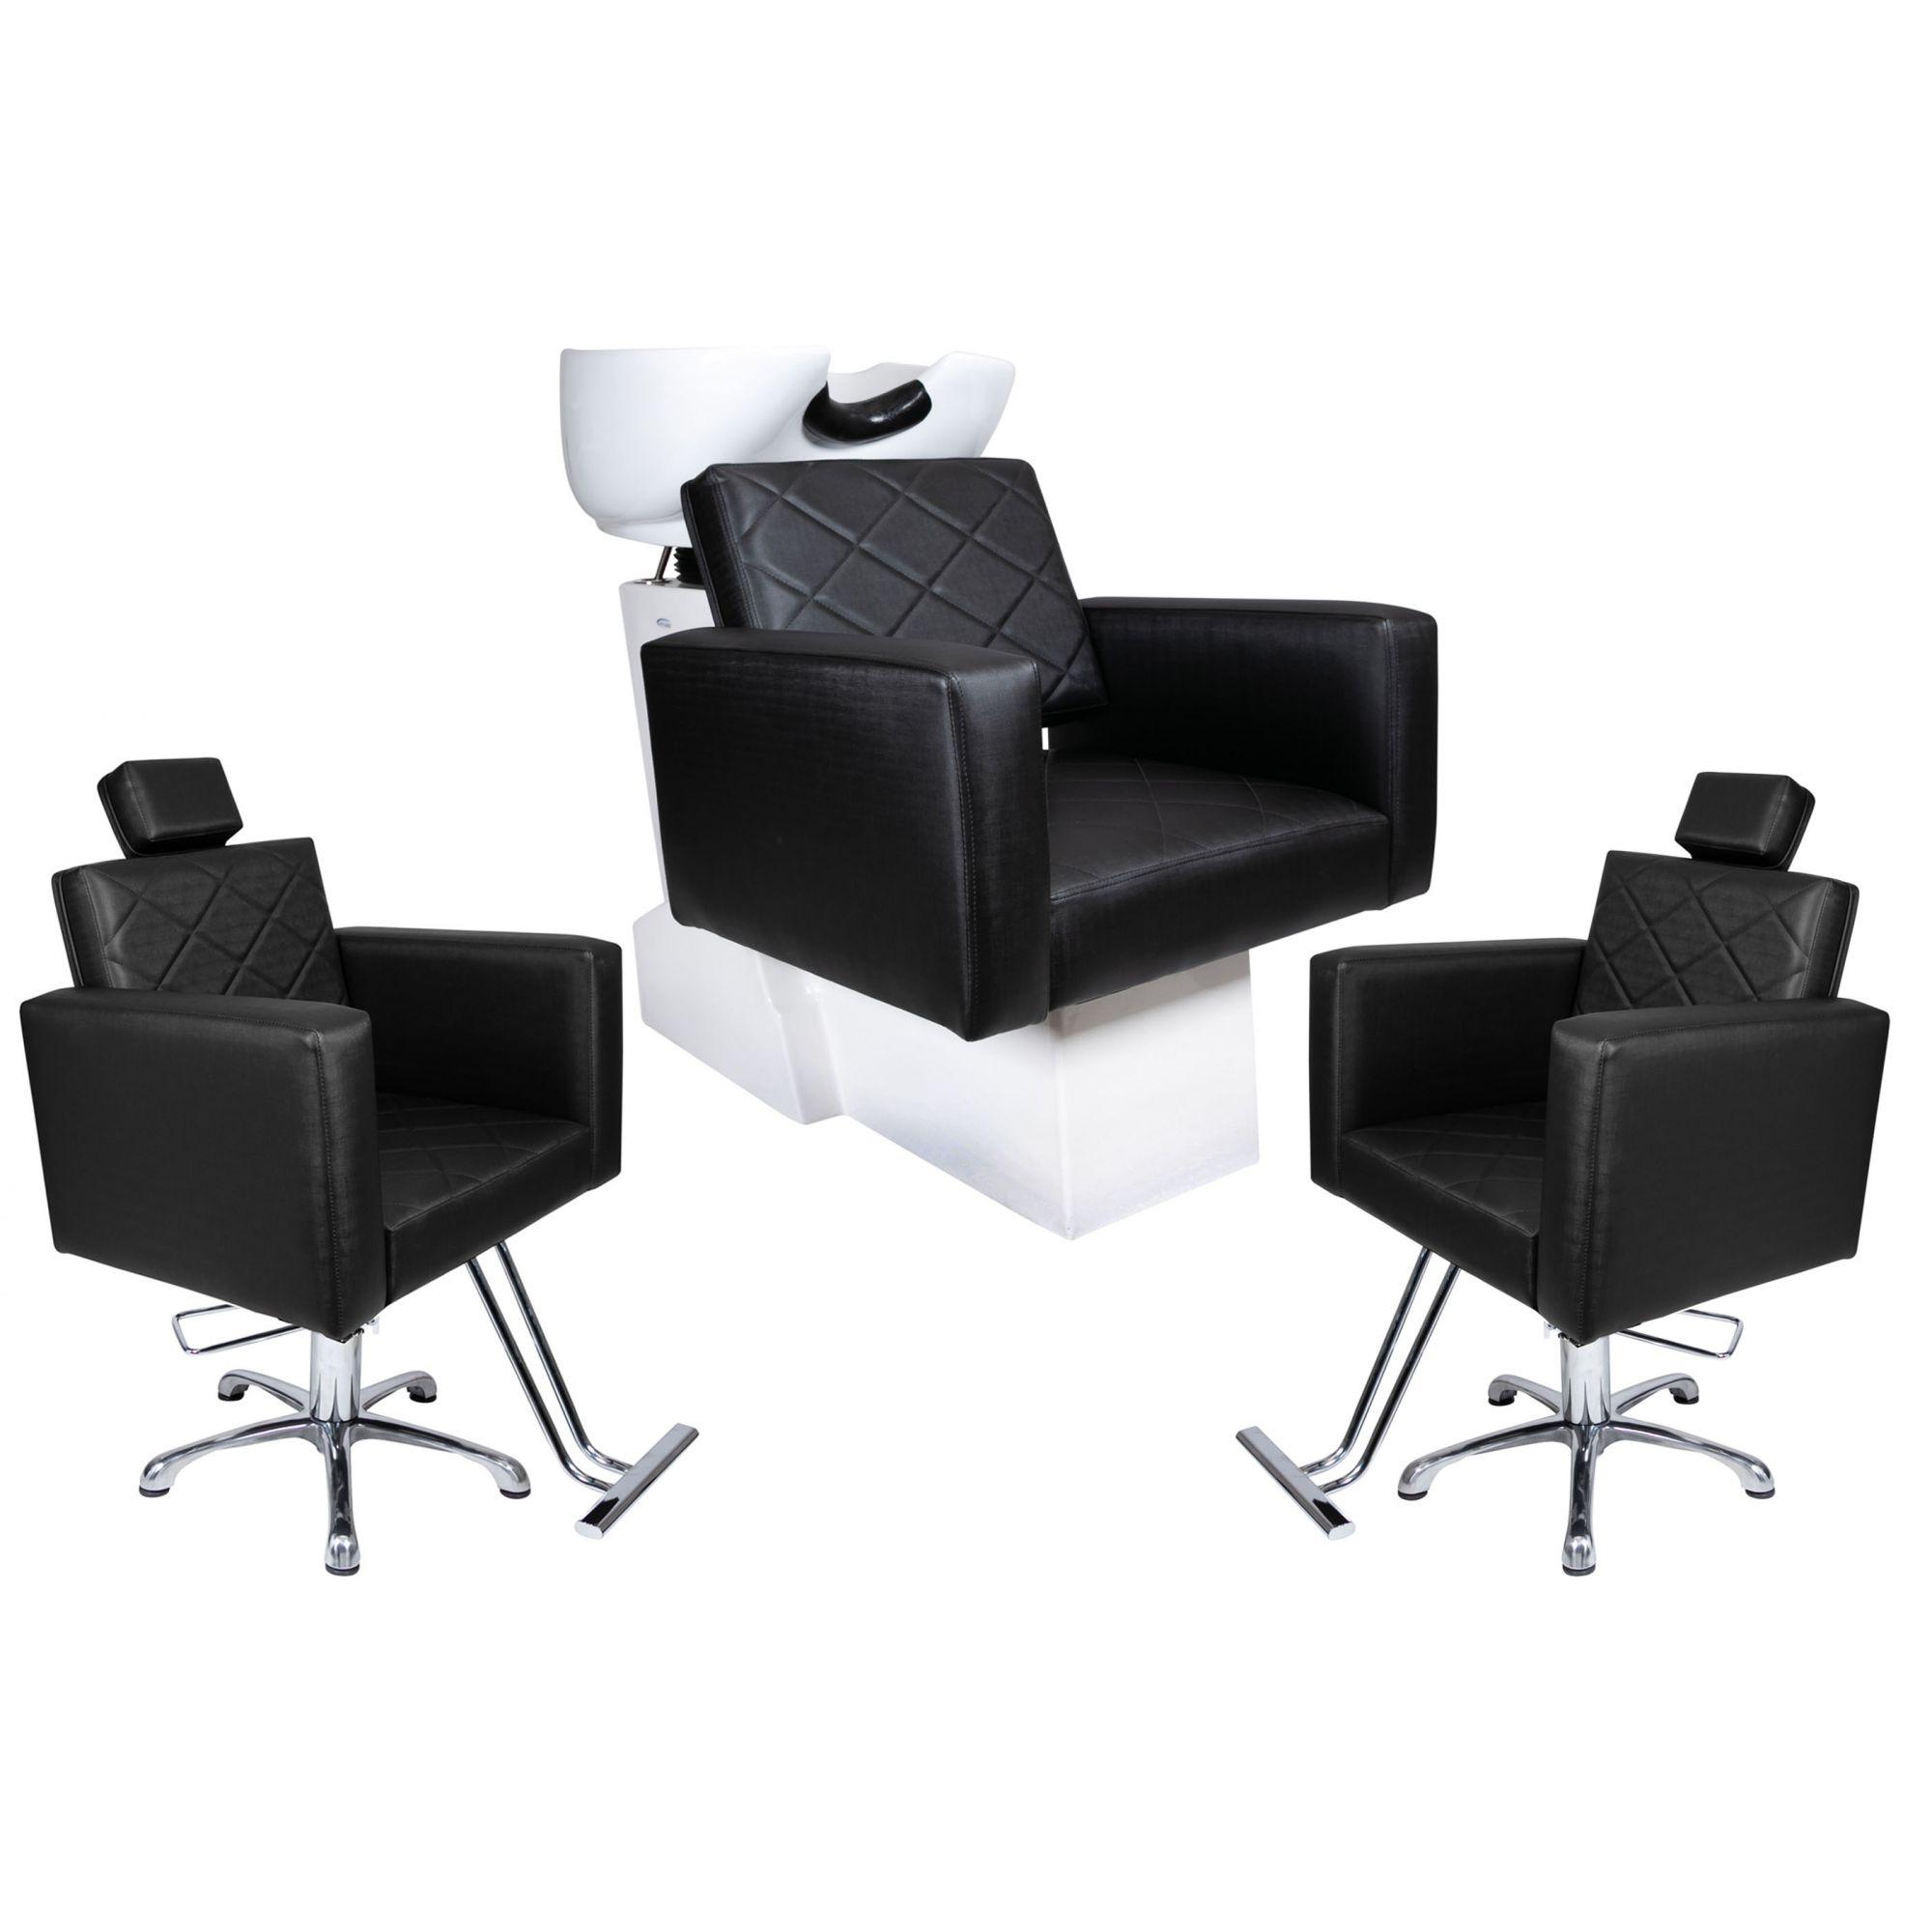 KIT Evidence -  2 Cadeiras Fixas + 1 Lavatório